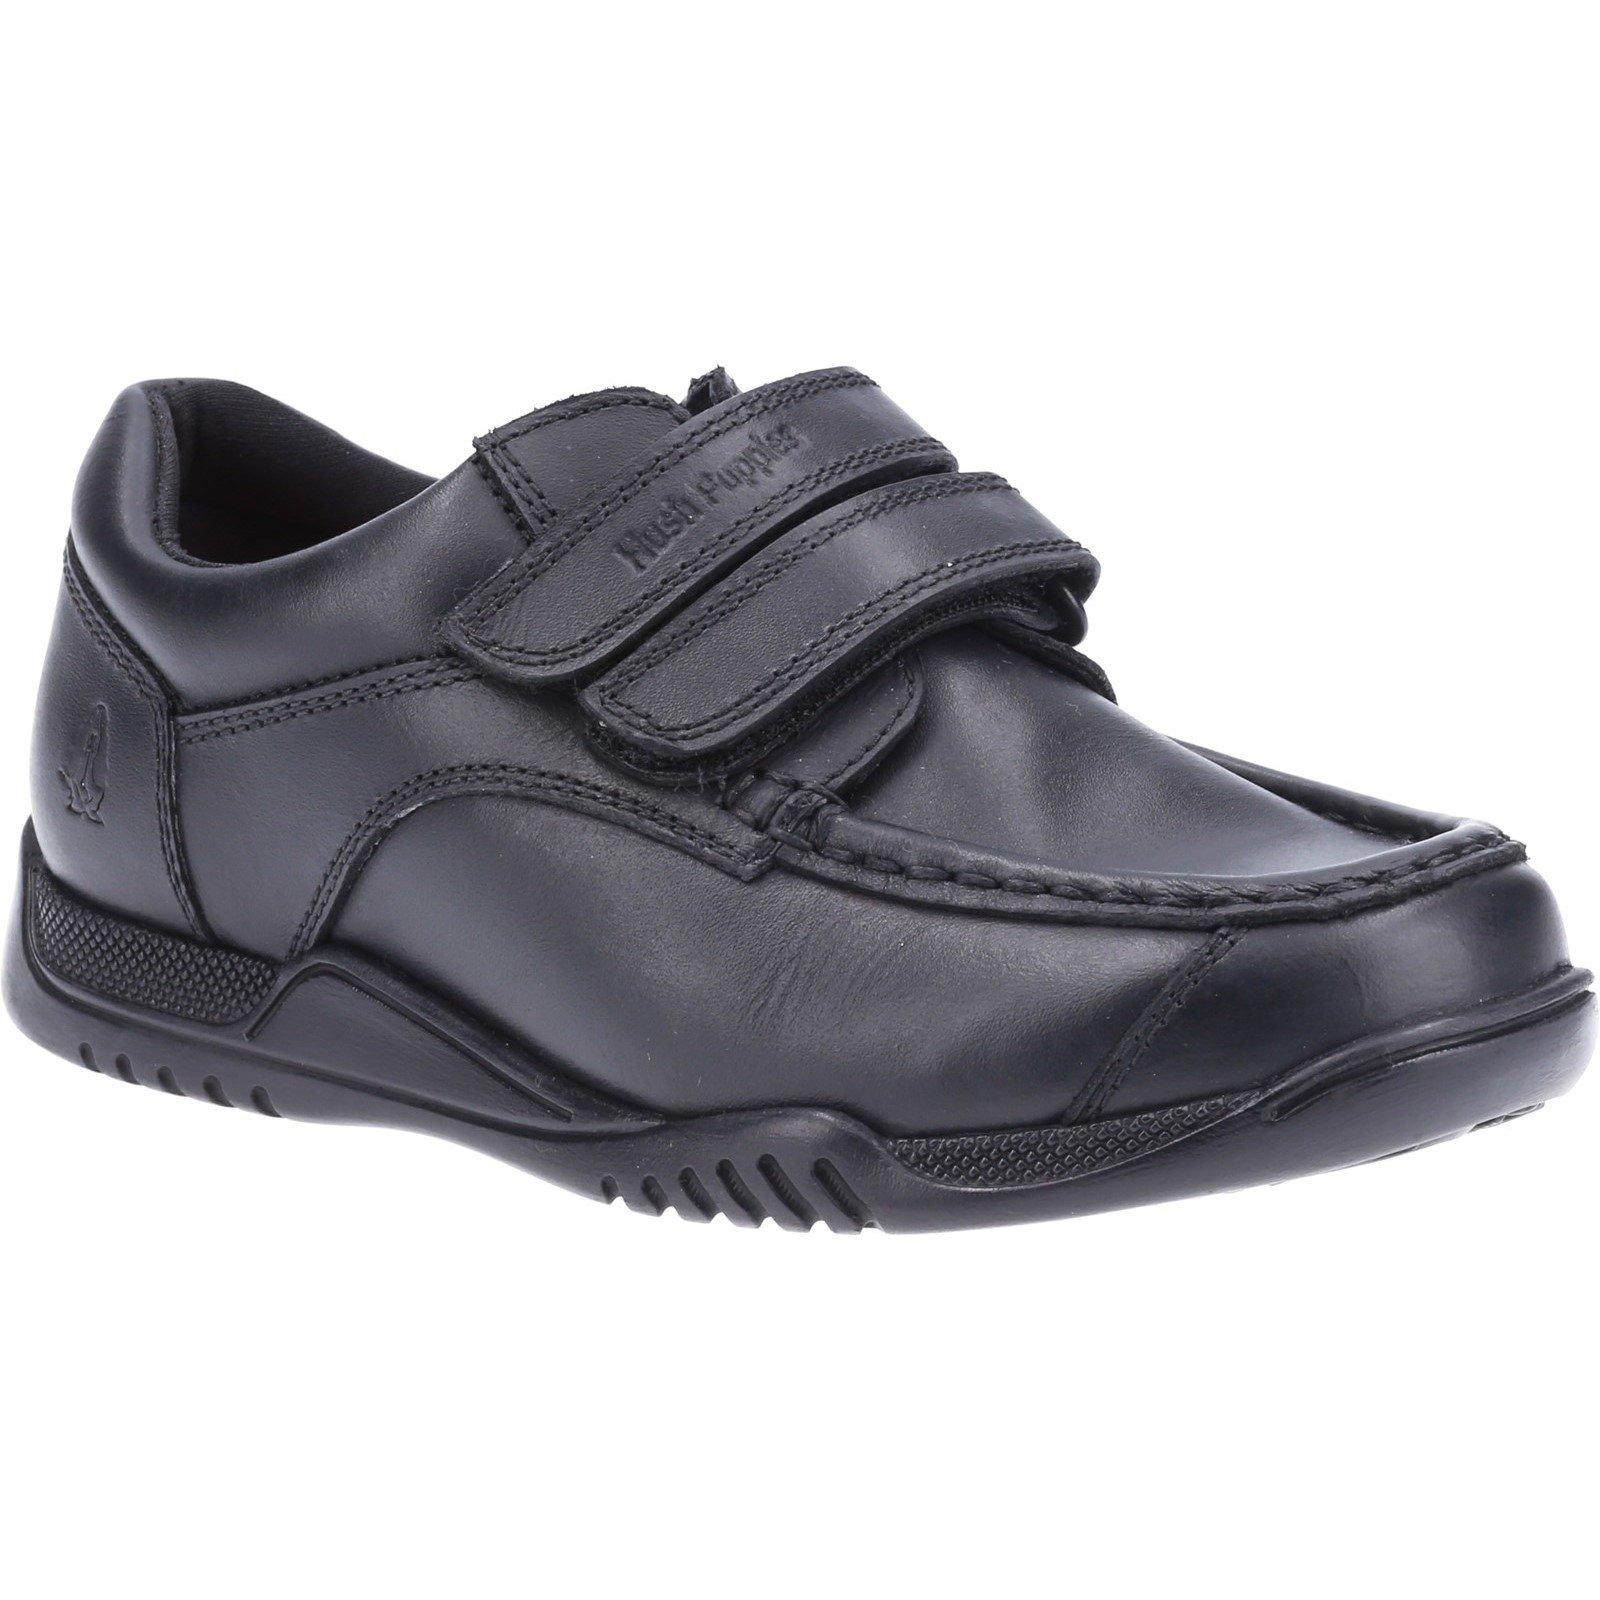 Hush Puppies Kid's Hayden Junior School Shoe Black 32584 - Black 13